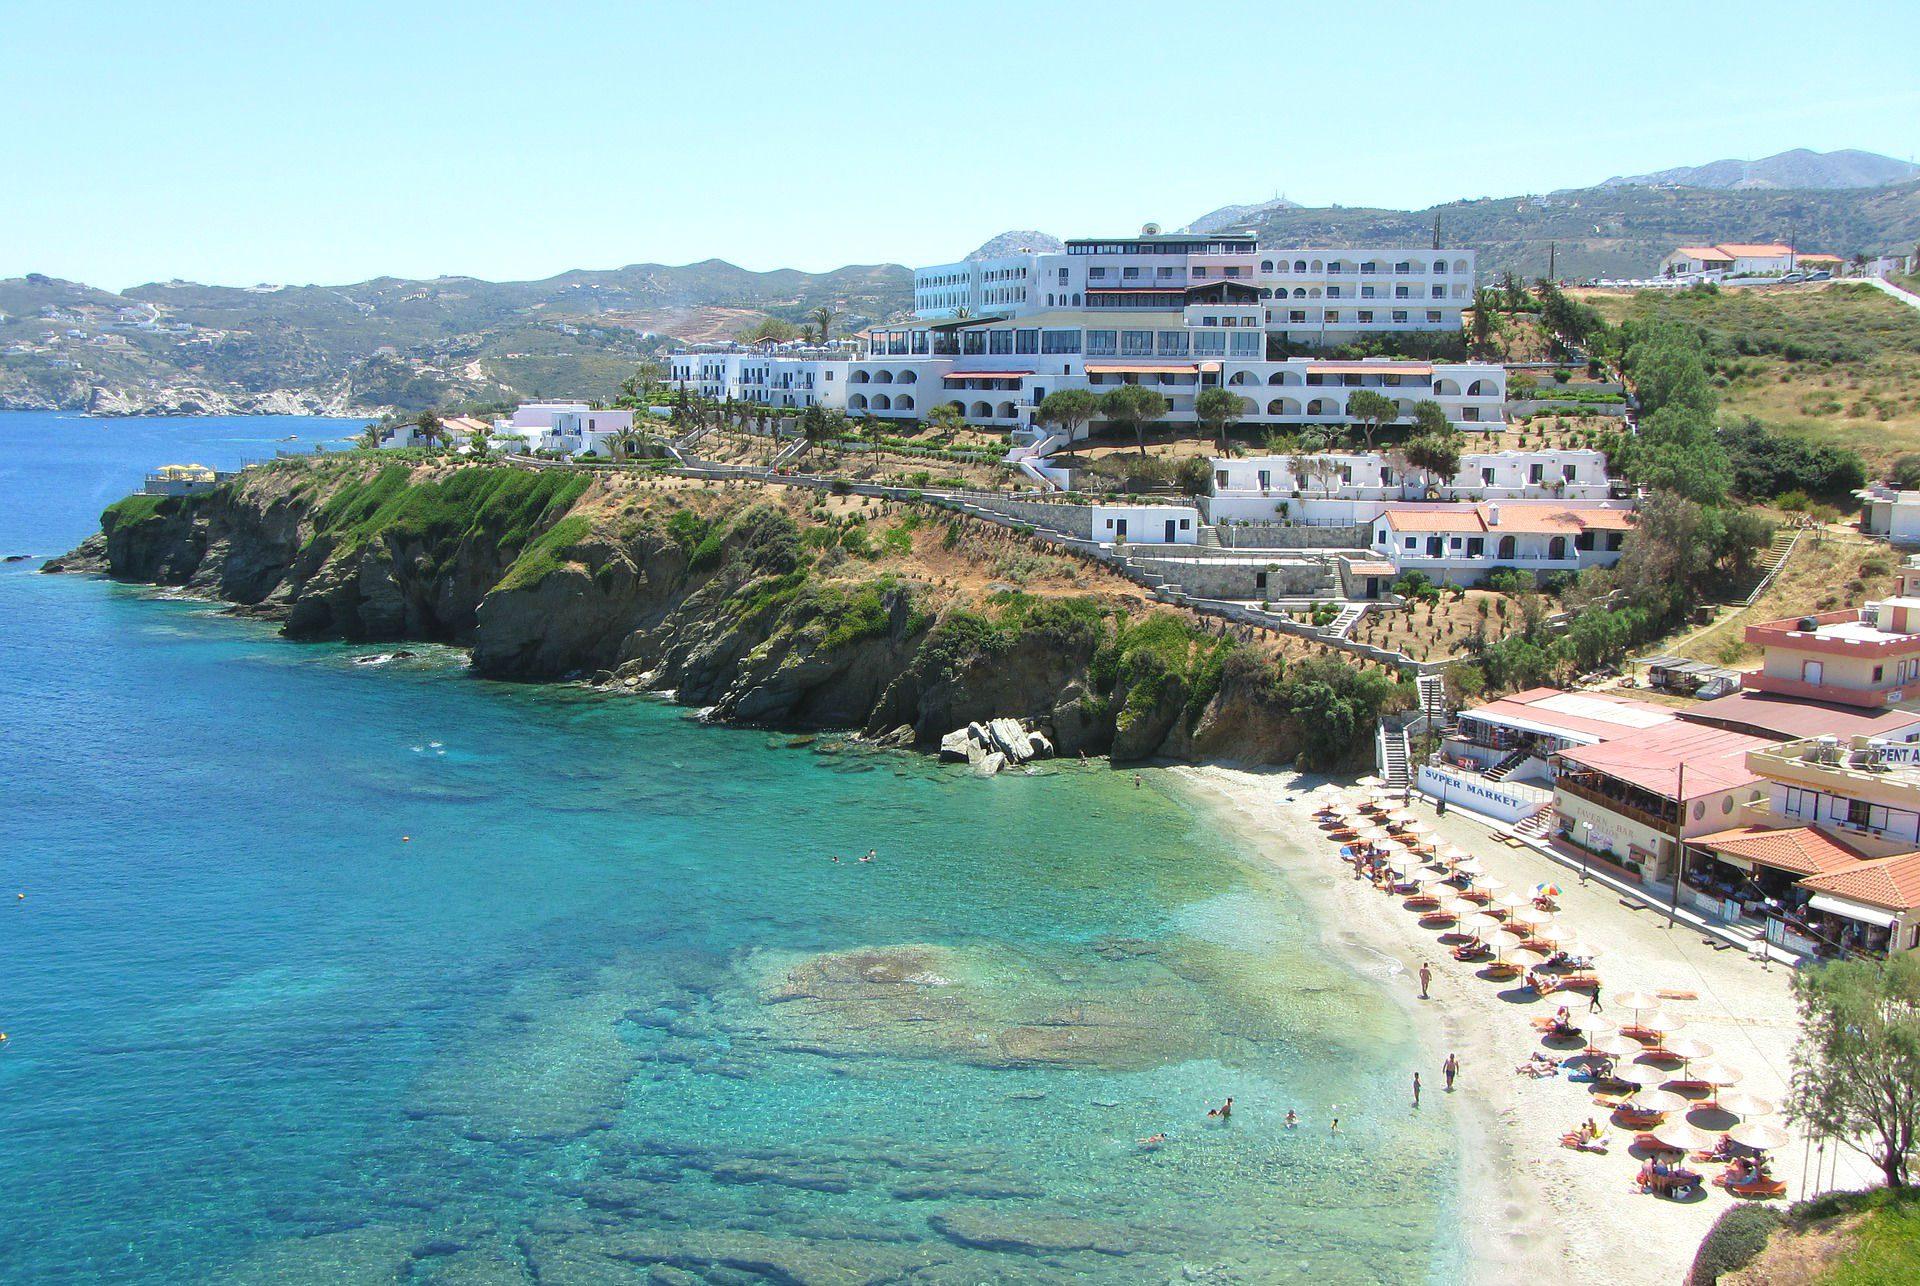 Gemütliche Städte an Kretas Küste